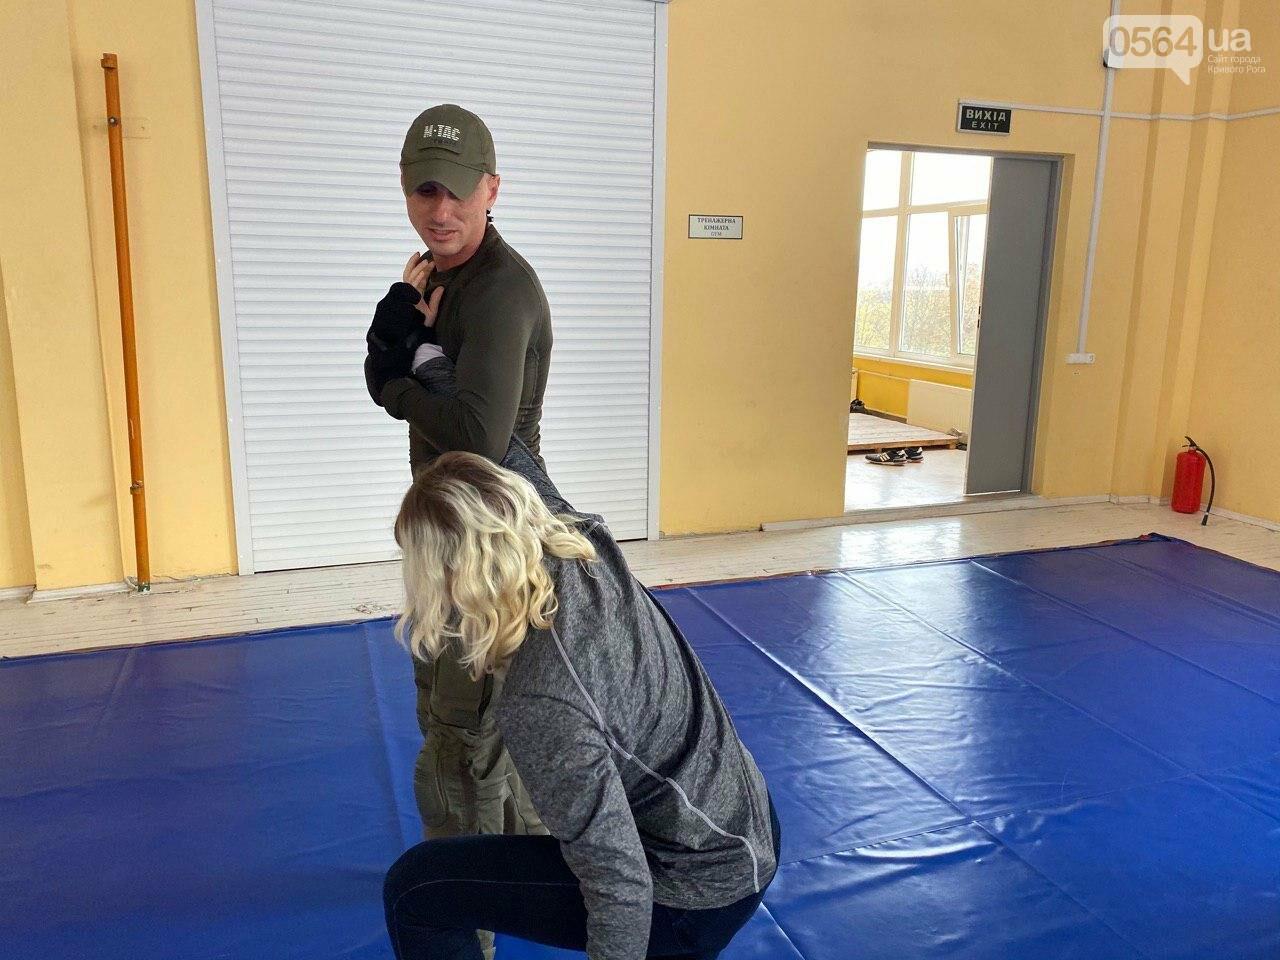 Инструкторы ДЮИ МВД обучали криворожских журналистов, как действовать в чрезвычайных ситуациях, - ФОТО, ВИДЕО , фото-3